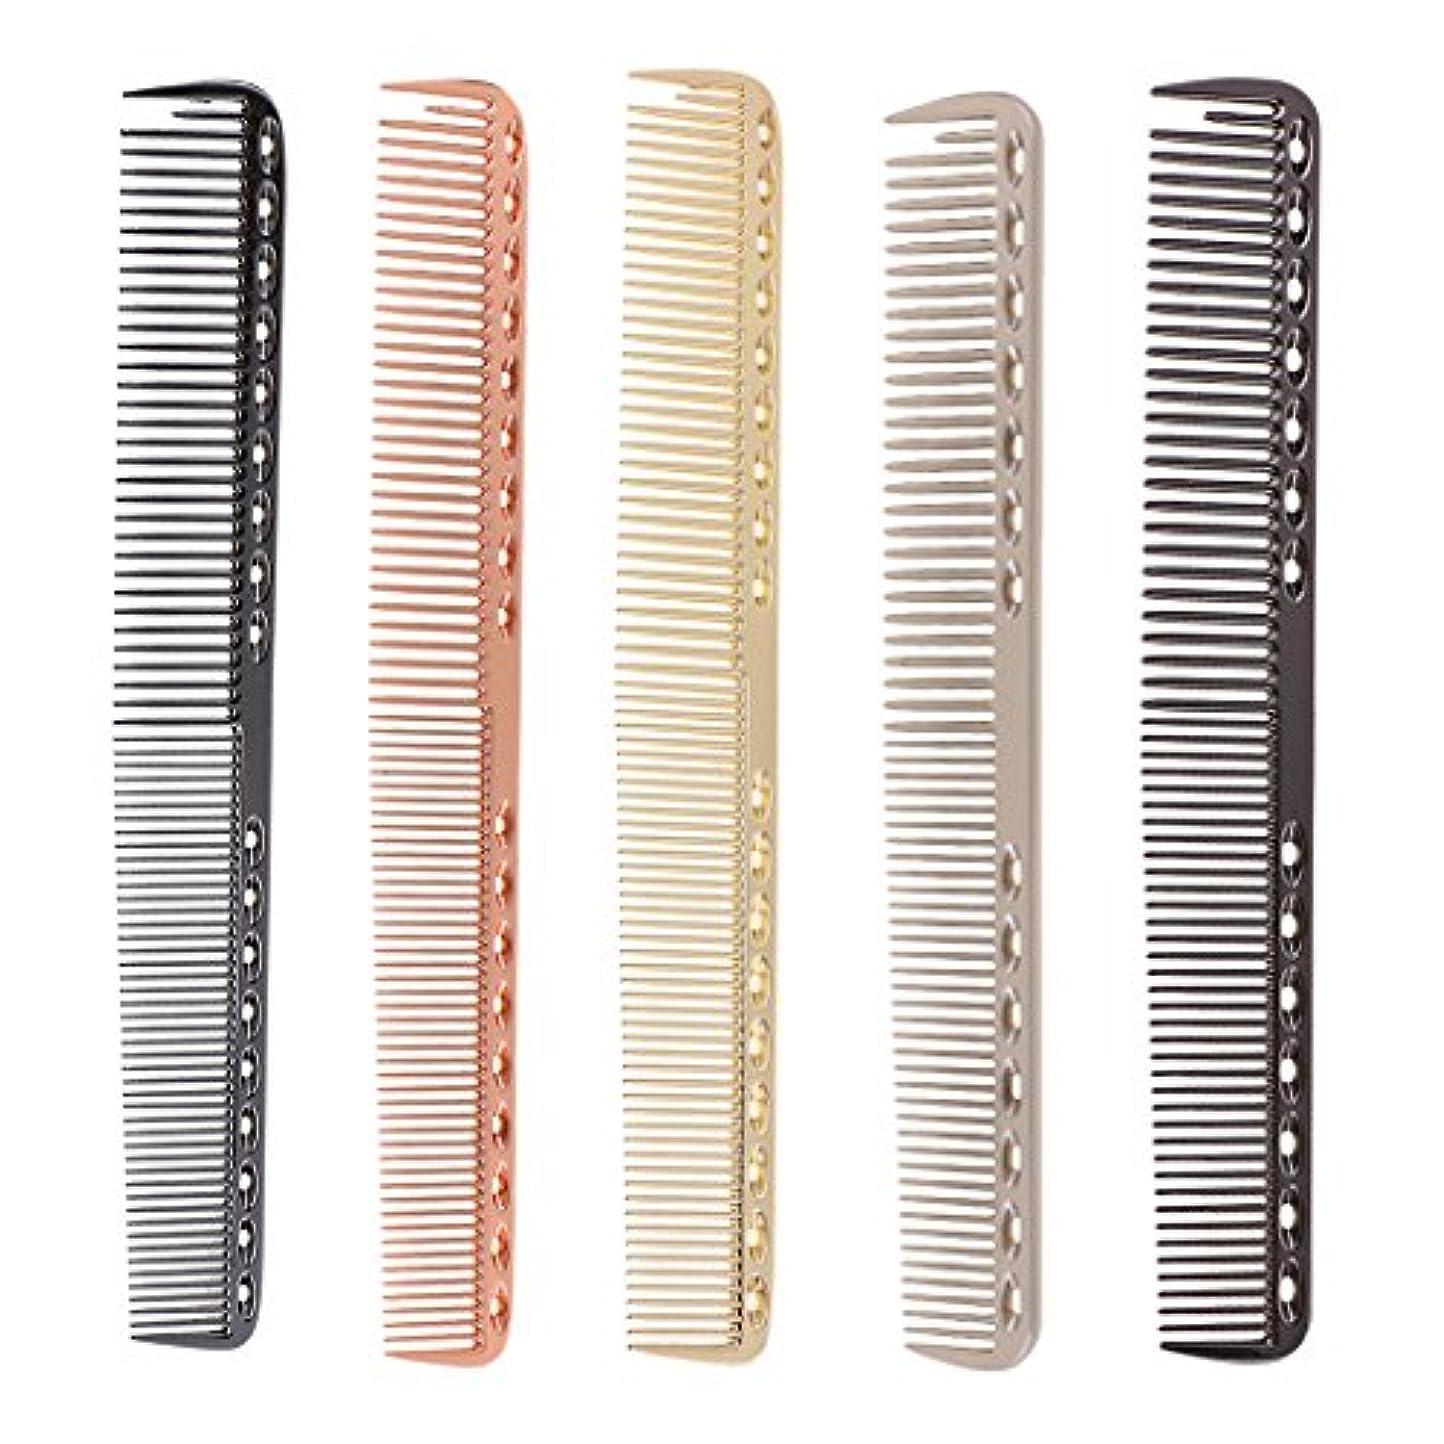 ソロストラトフォードオンエイボン卑しいToygogo 5ピース/個帯電防止アルミロング理髪理髪ヘアカットくし